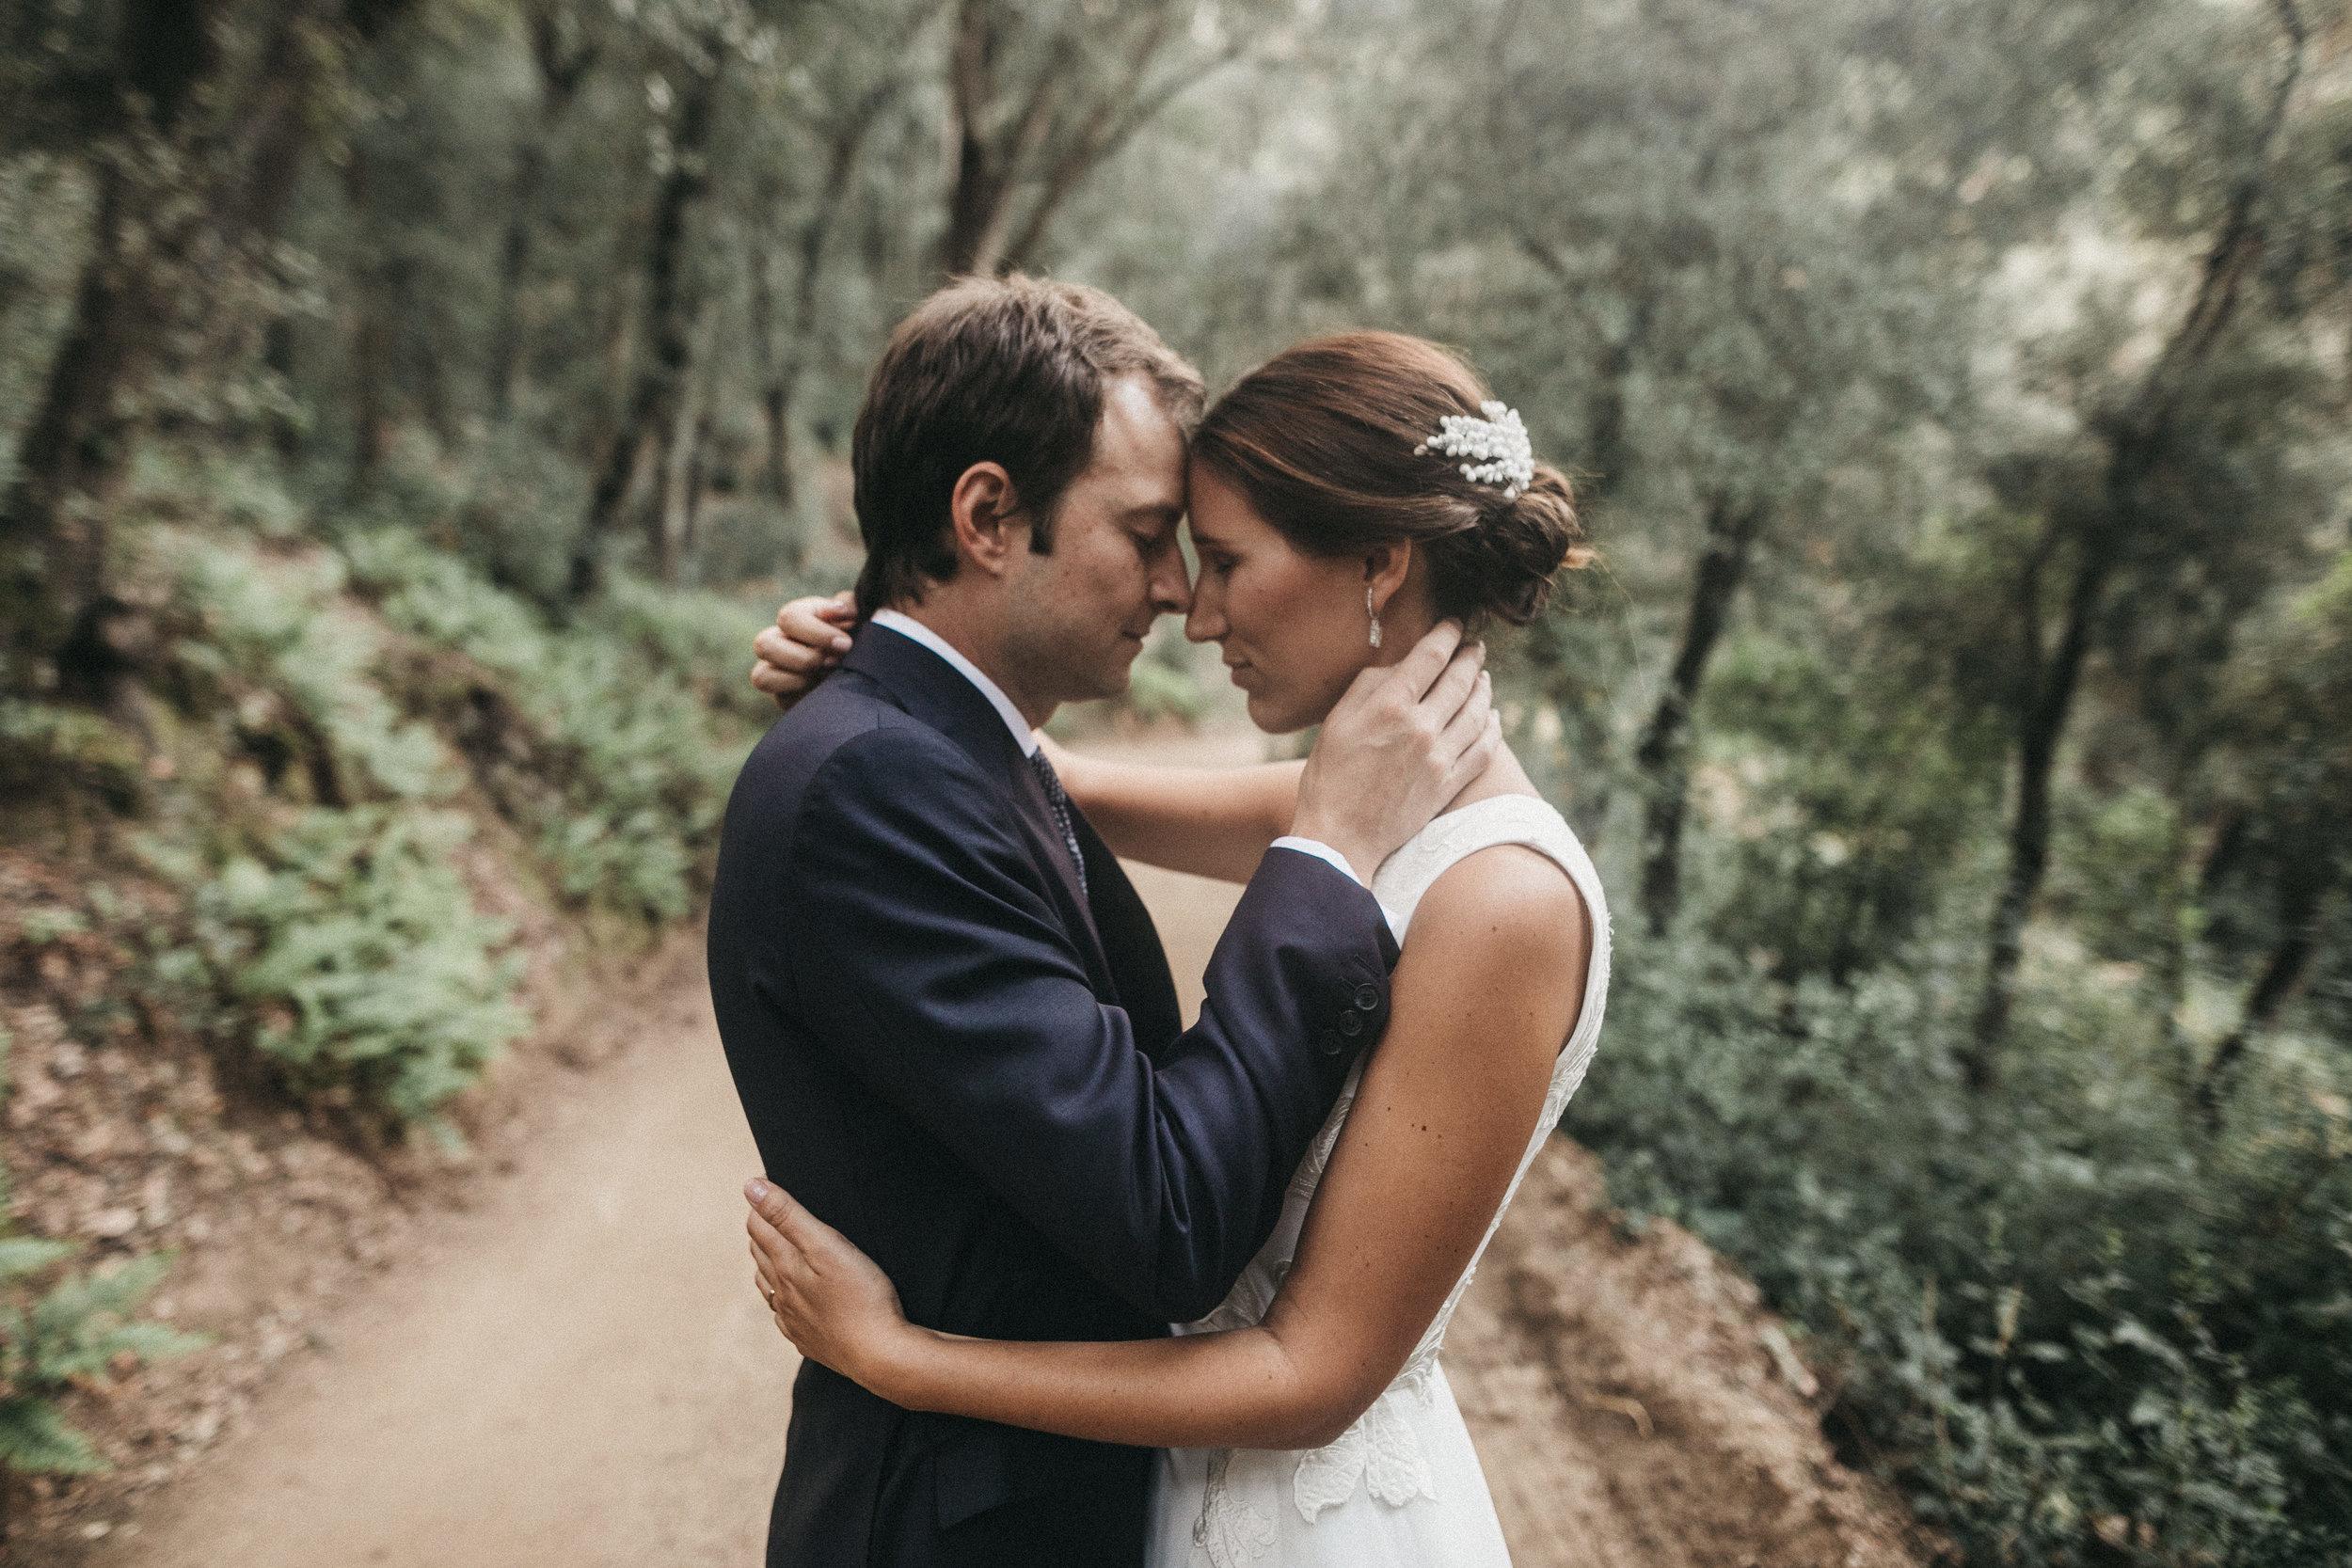 Fotografo de bodas españa serafin castillo wedding photographer spain 013.jpg